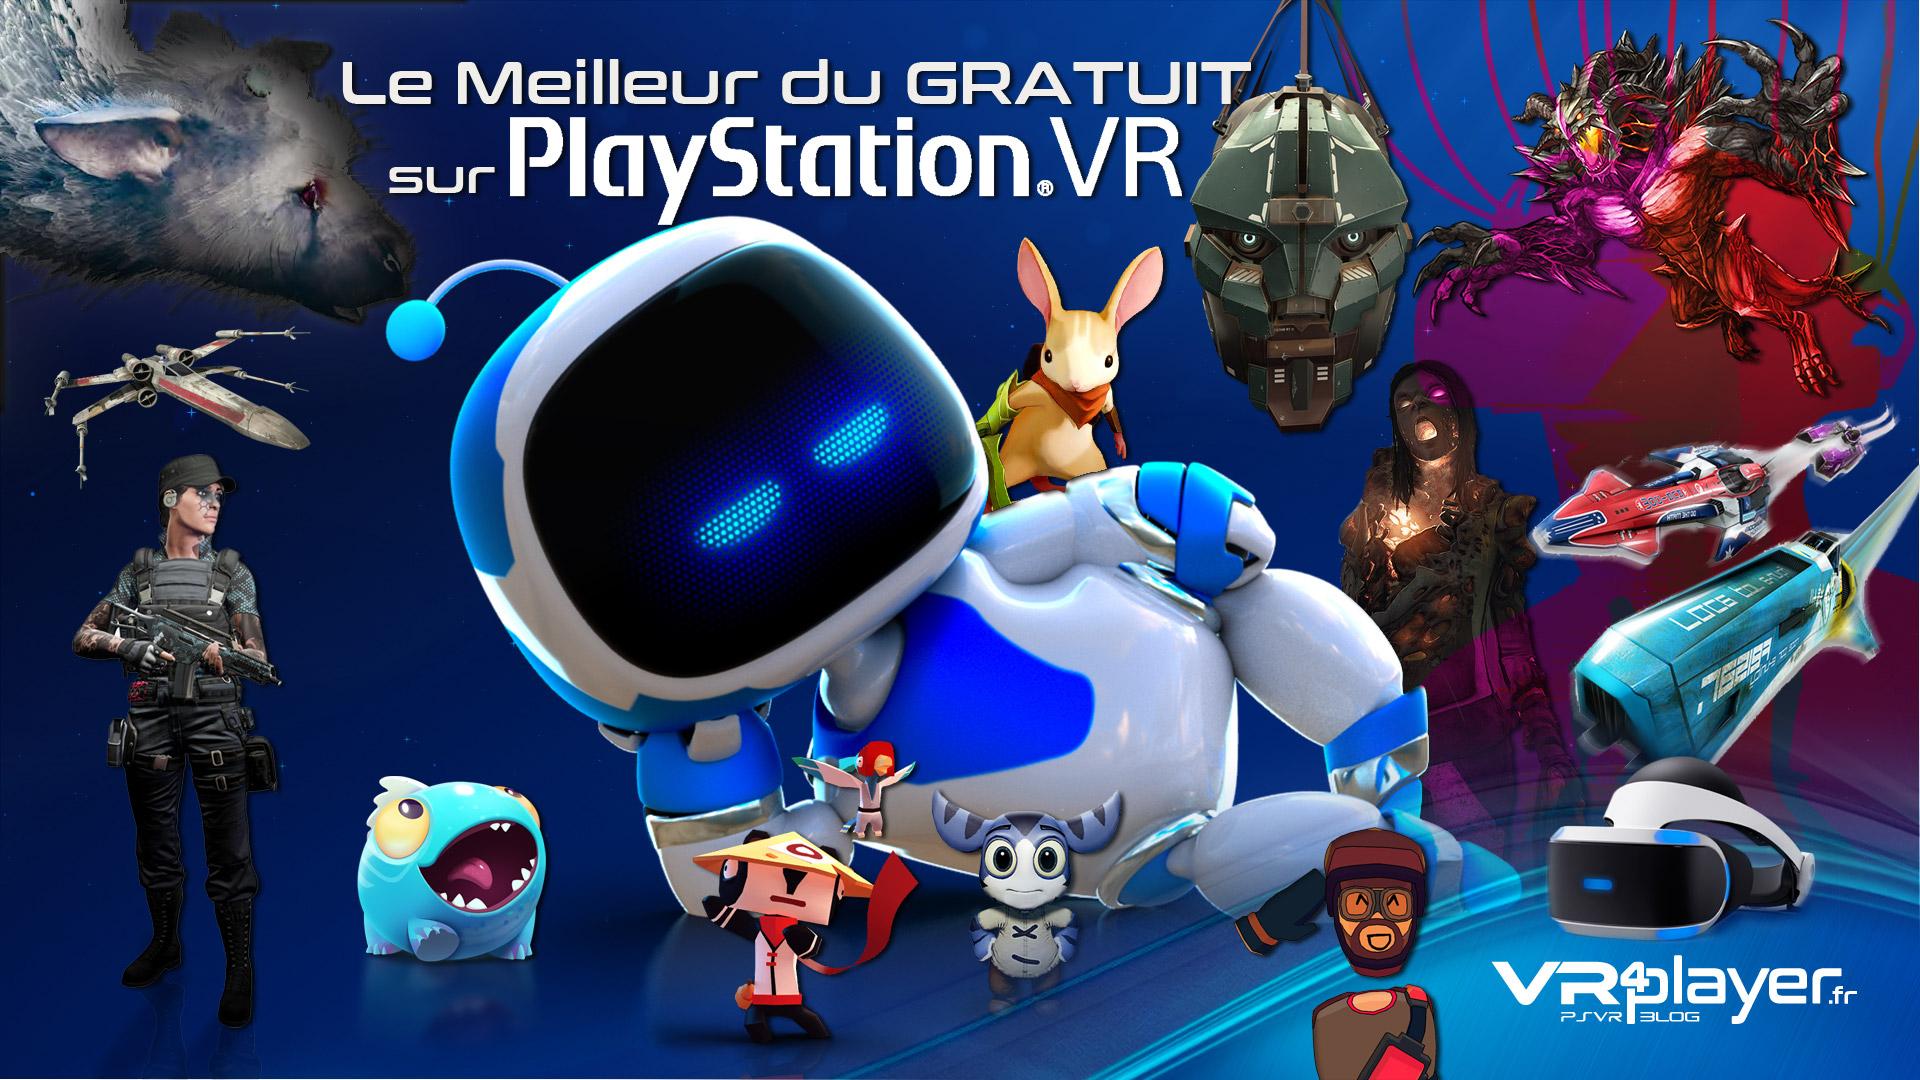 le meilleur du gratuit sur PlayStation VR - vr4player.fr